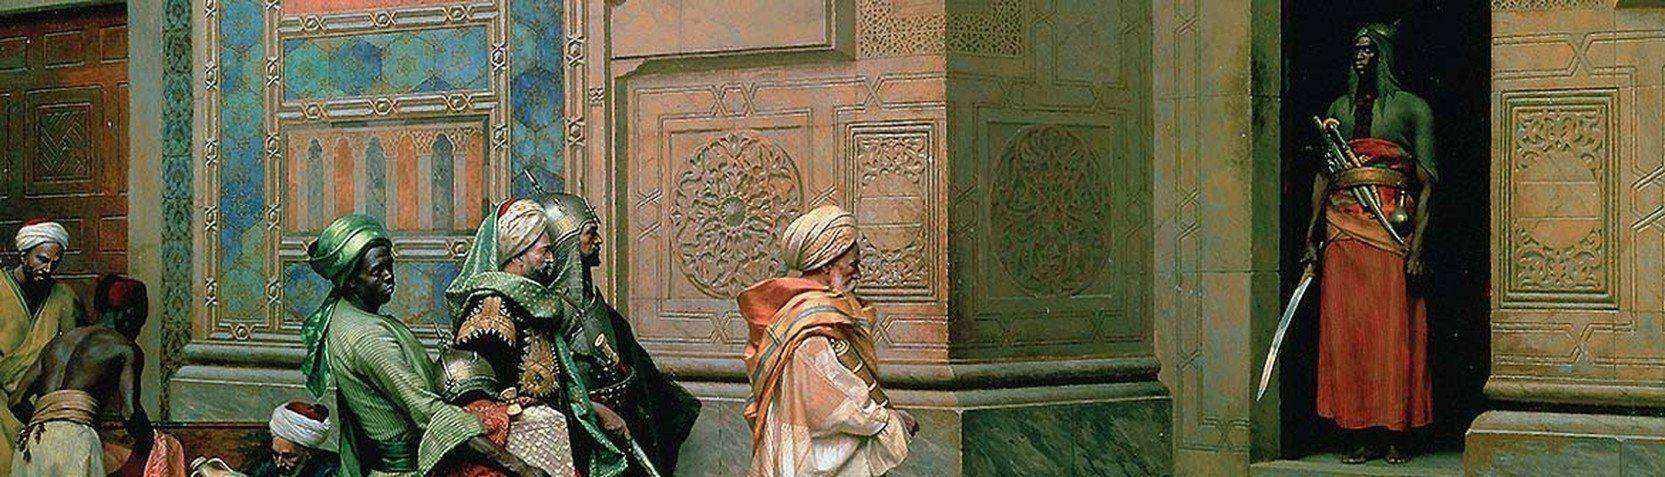 Kollektionen - Orientalismus